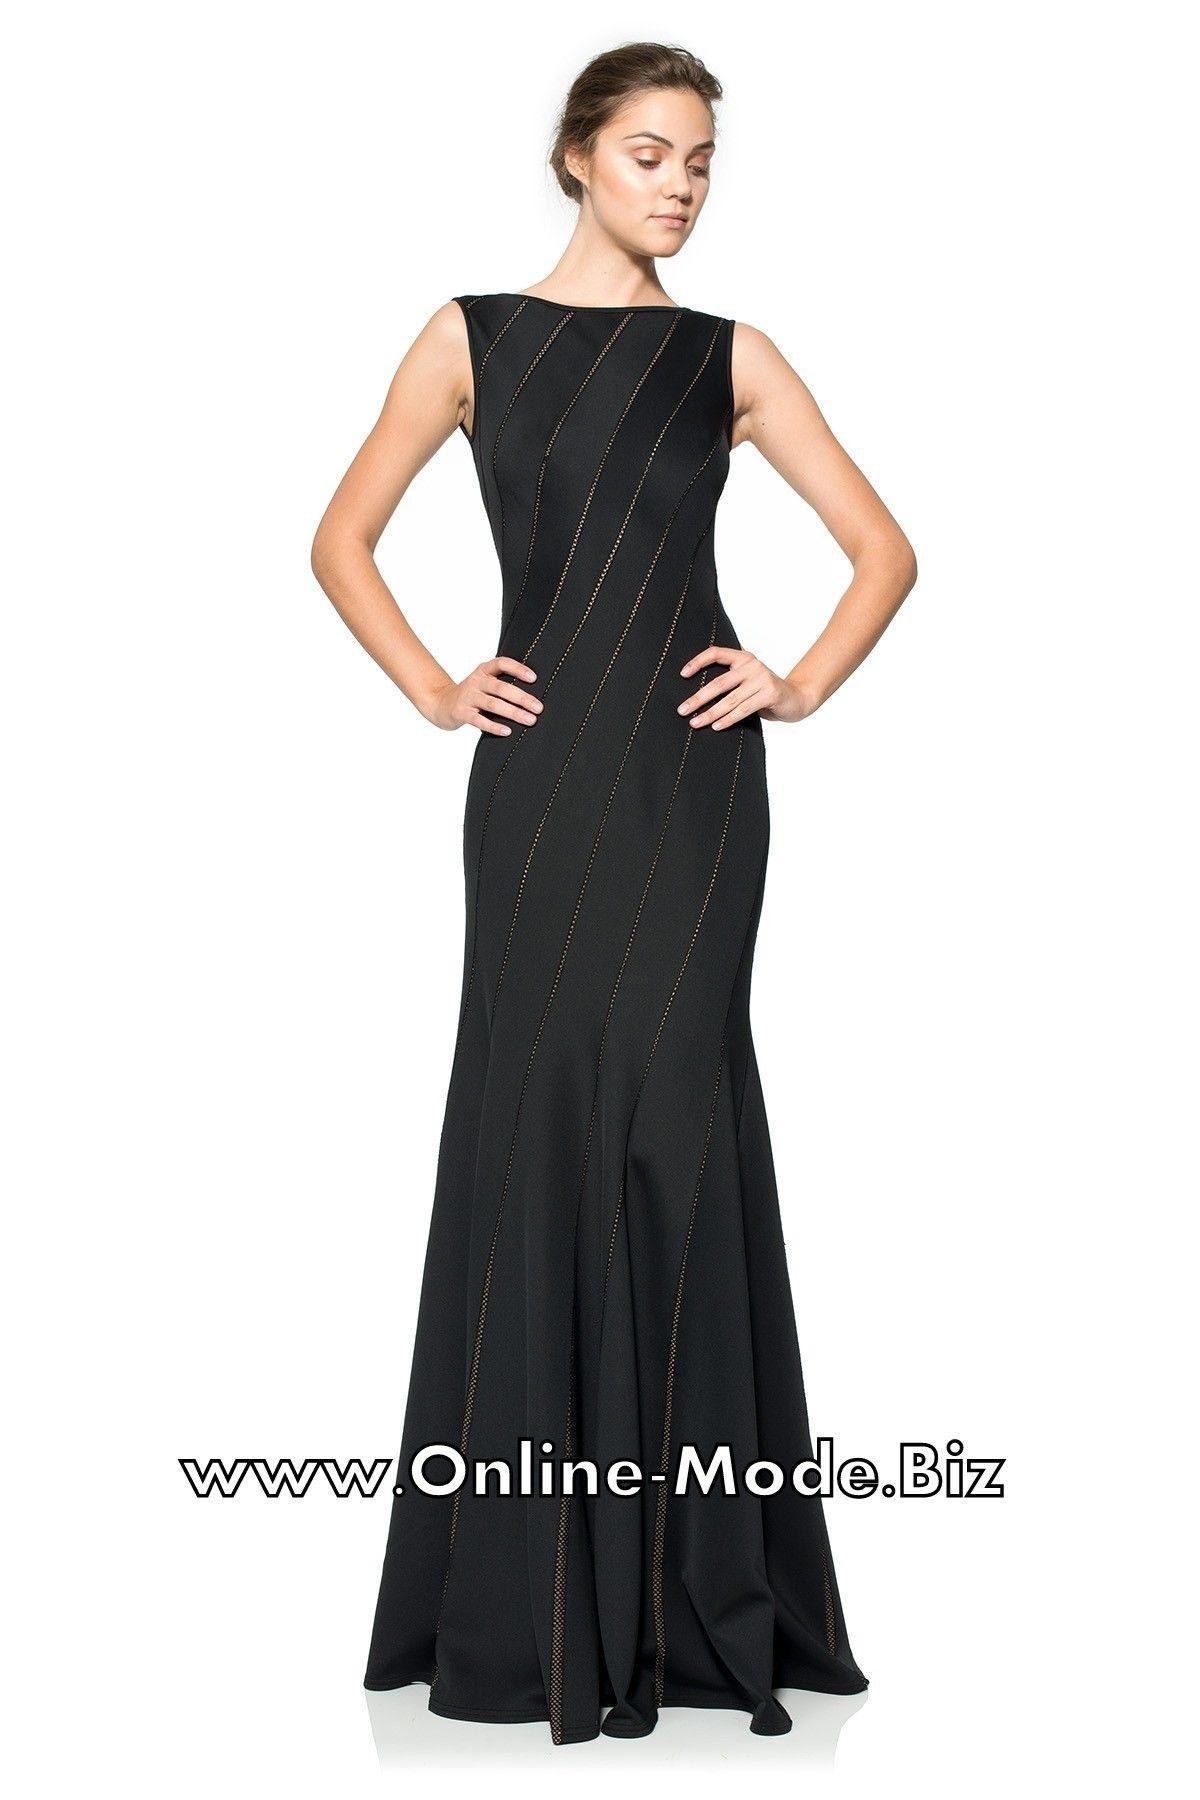 Abend Genial Schwarzes Bodenlanges Kleid für 2019 Einzigartig Schwarzes Bodenlanges Kleid Stylish